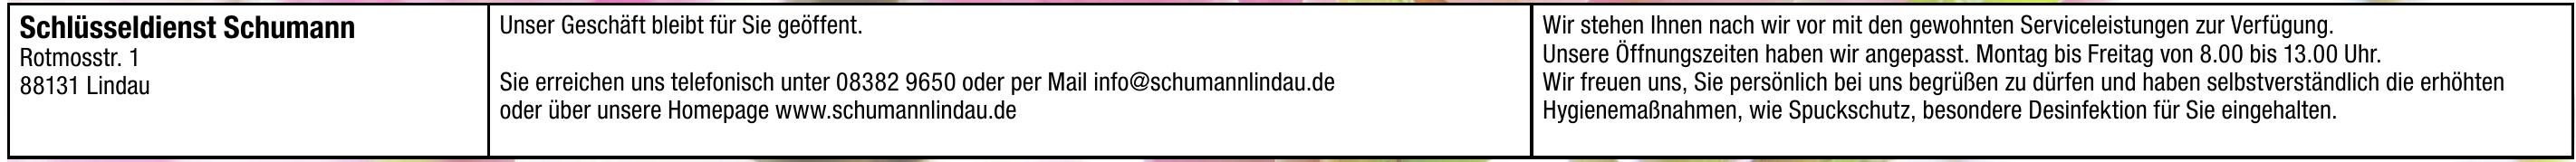 Schlüsseldienst Schumann e.K.